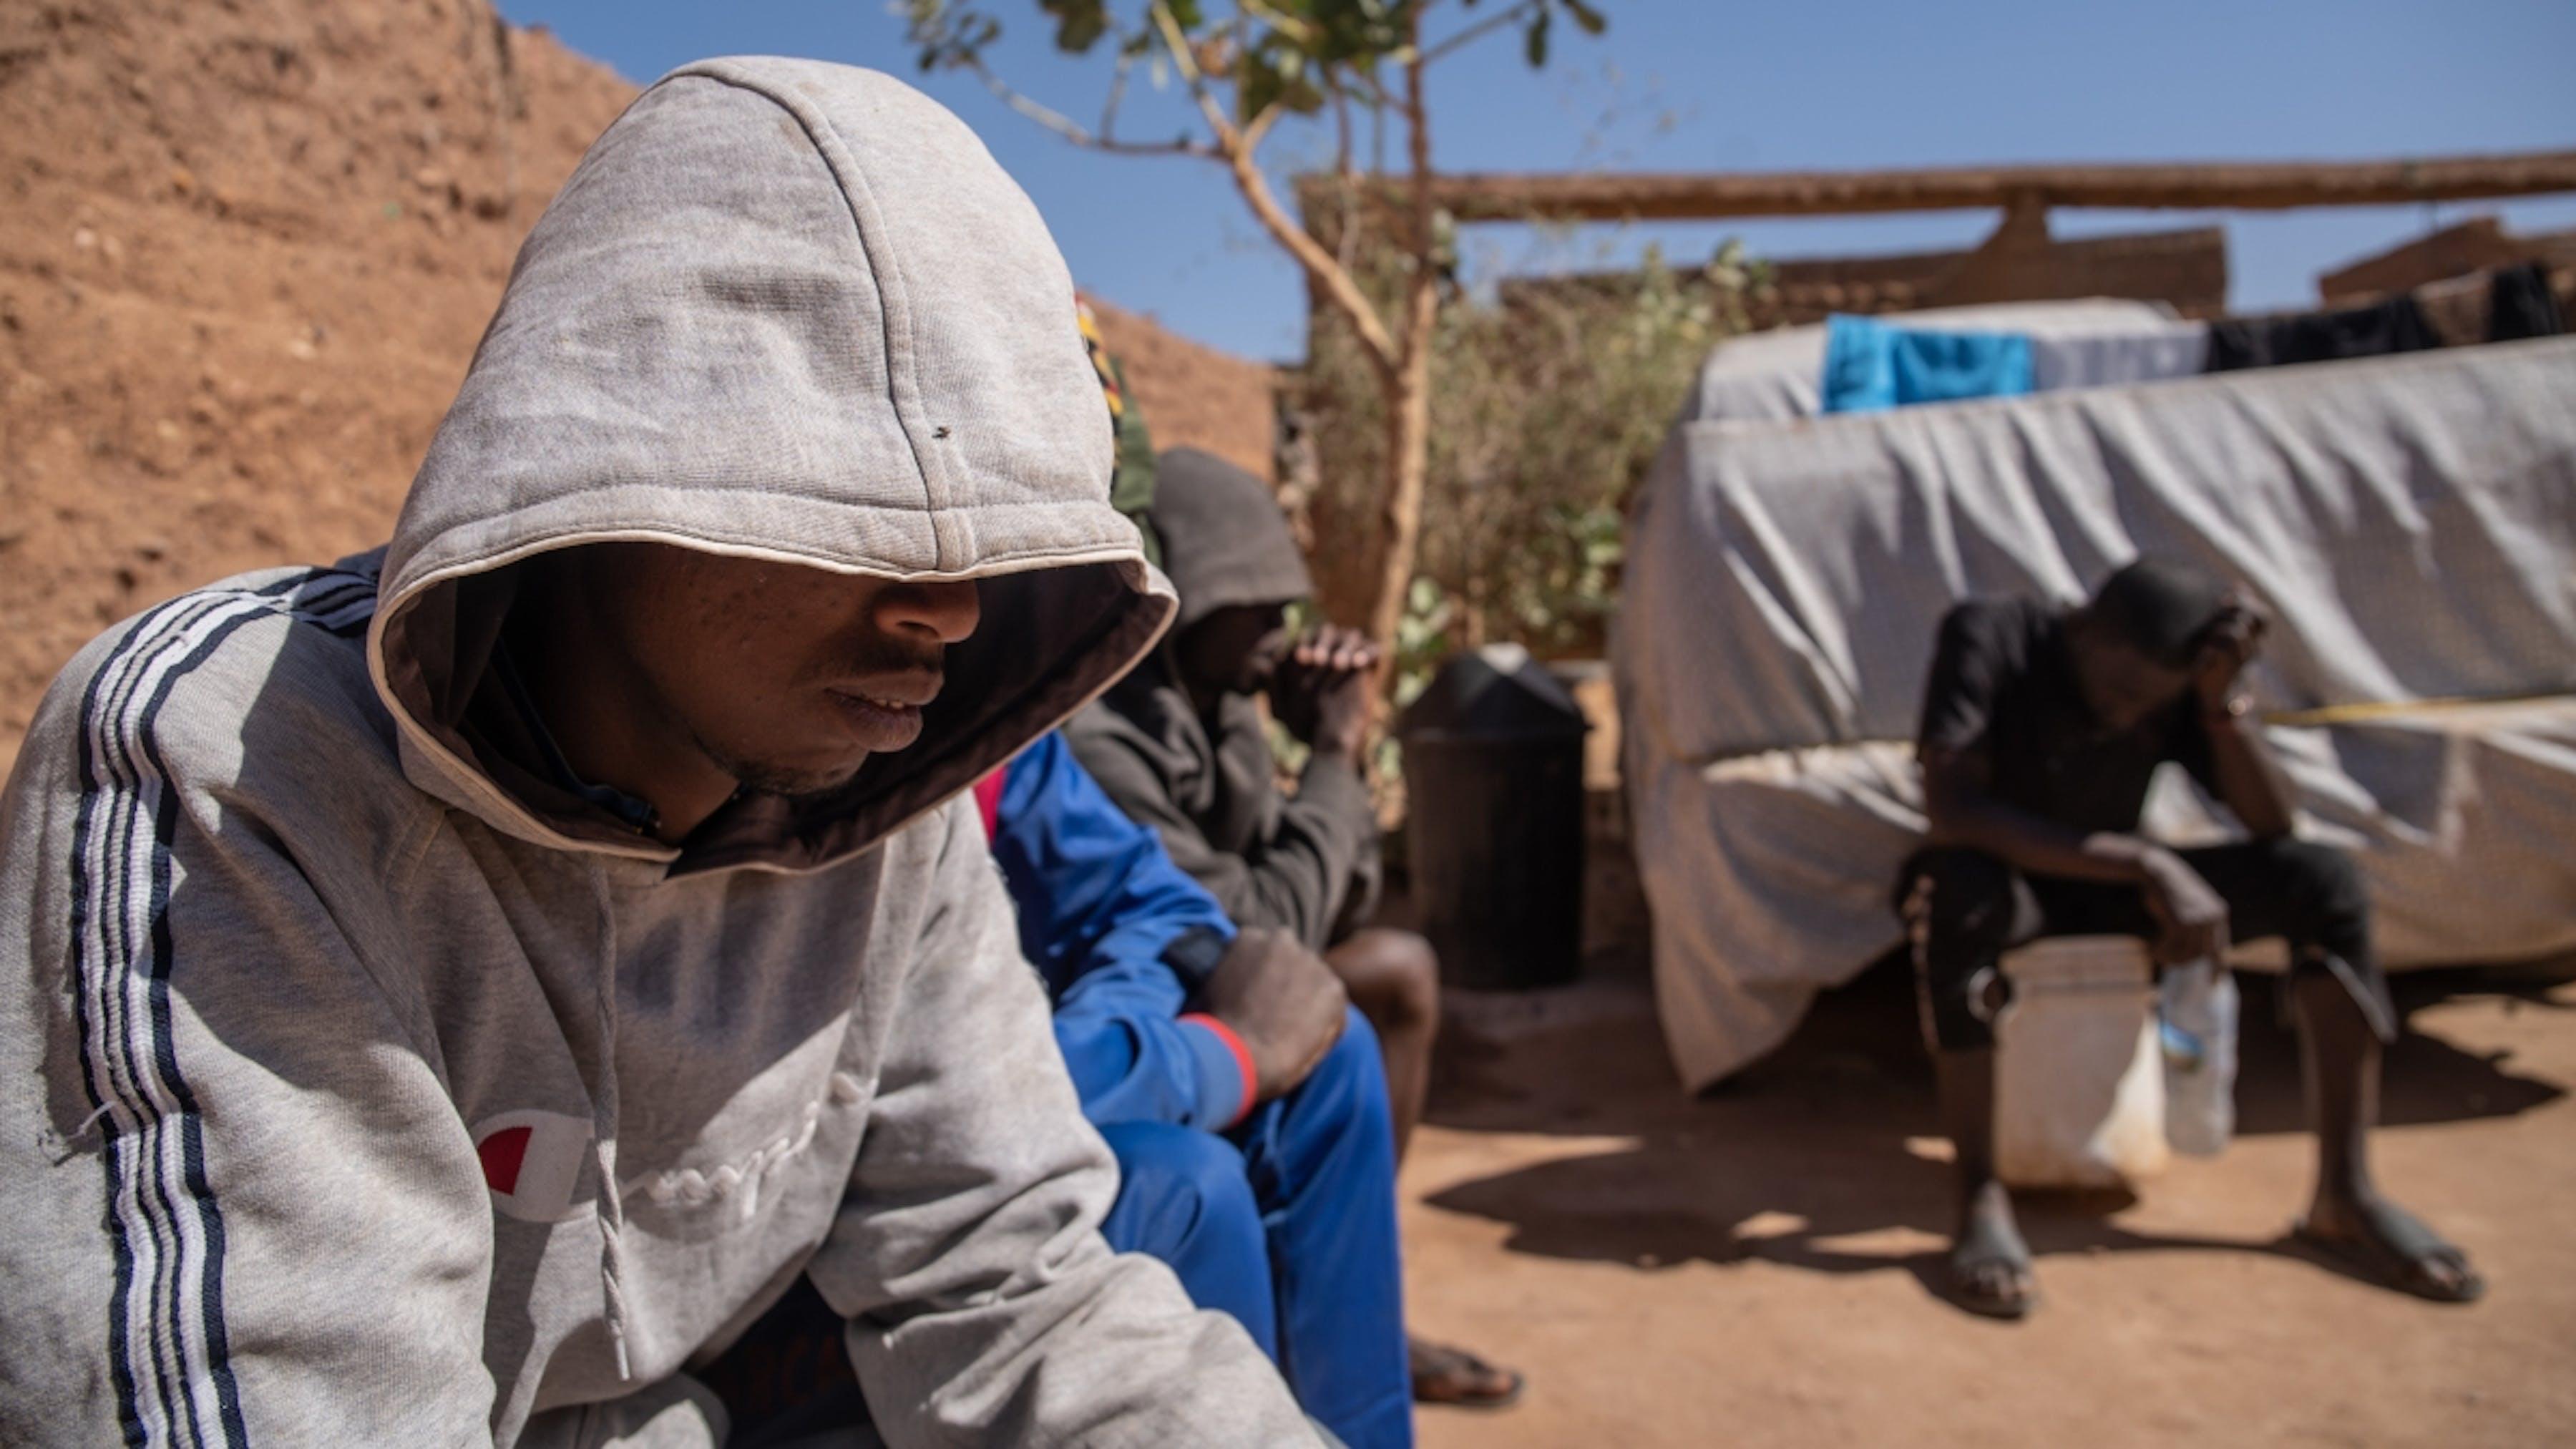 Niger, migranti dal Gambia e dal Mali nel ghetto clandestino per migranti di Agadez.